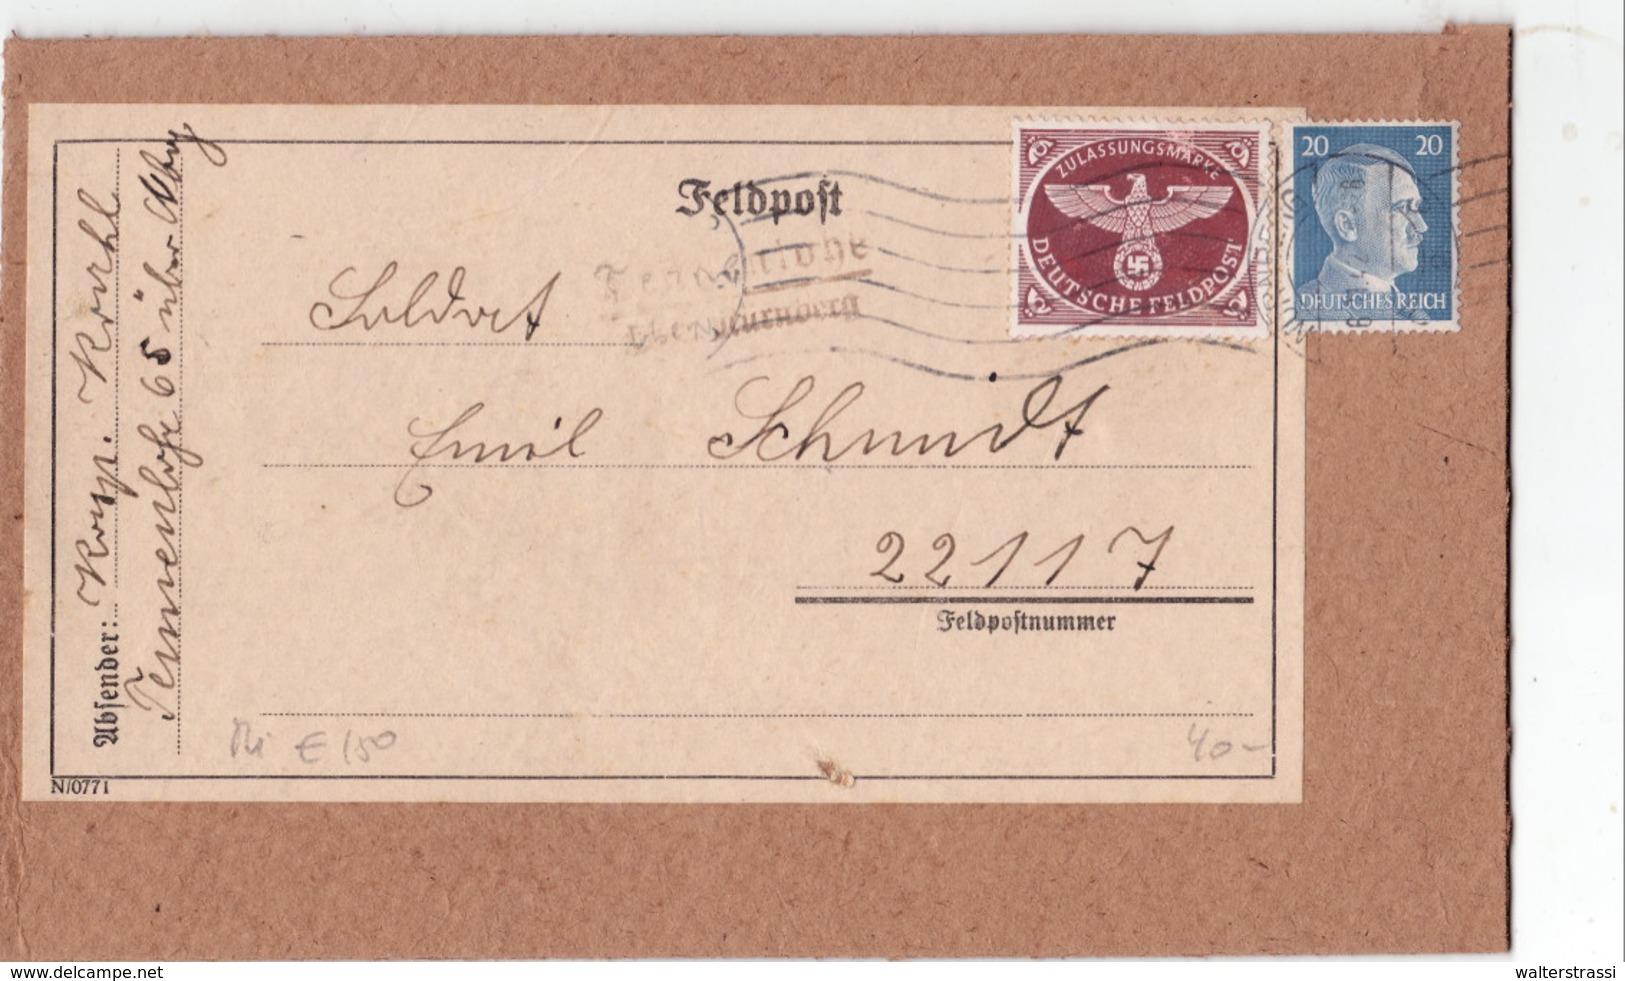 Feldpost Päckchen Vorderseite, Tennenlohe über Nürnberg - Deutschland